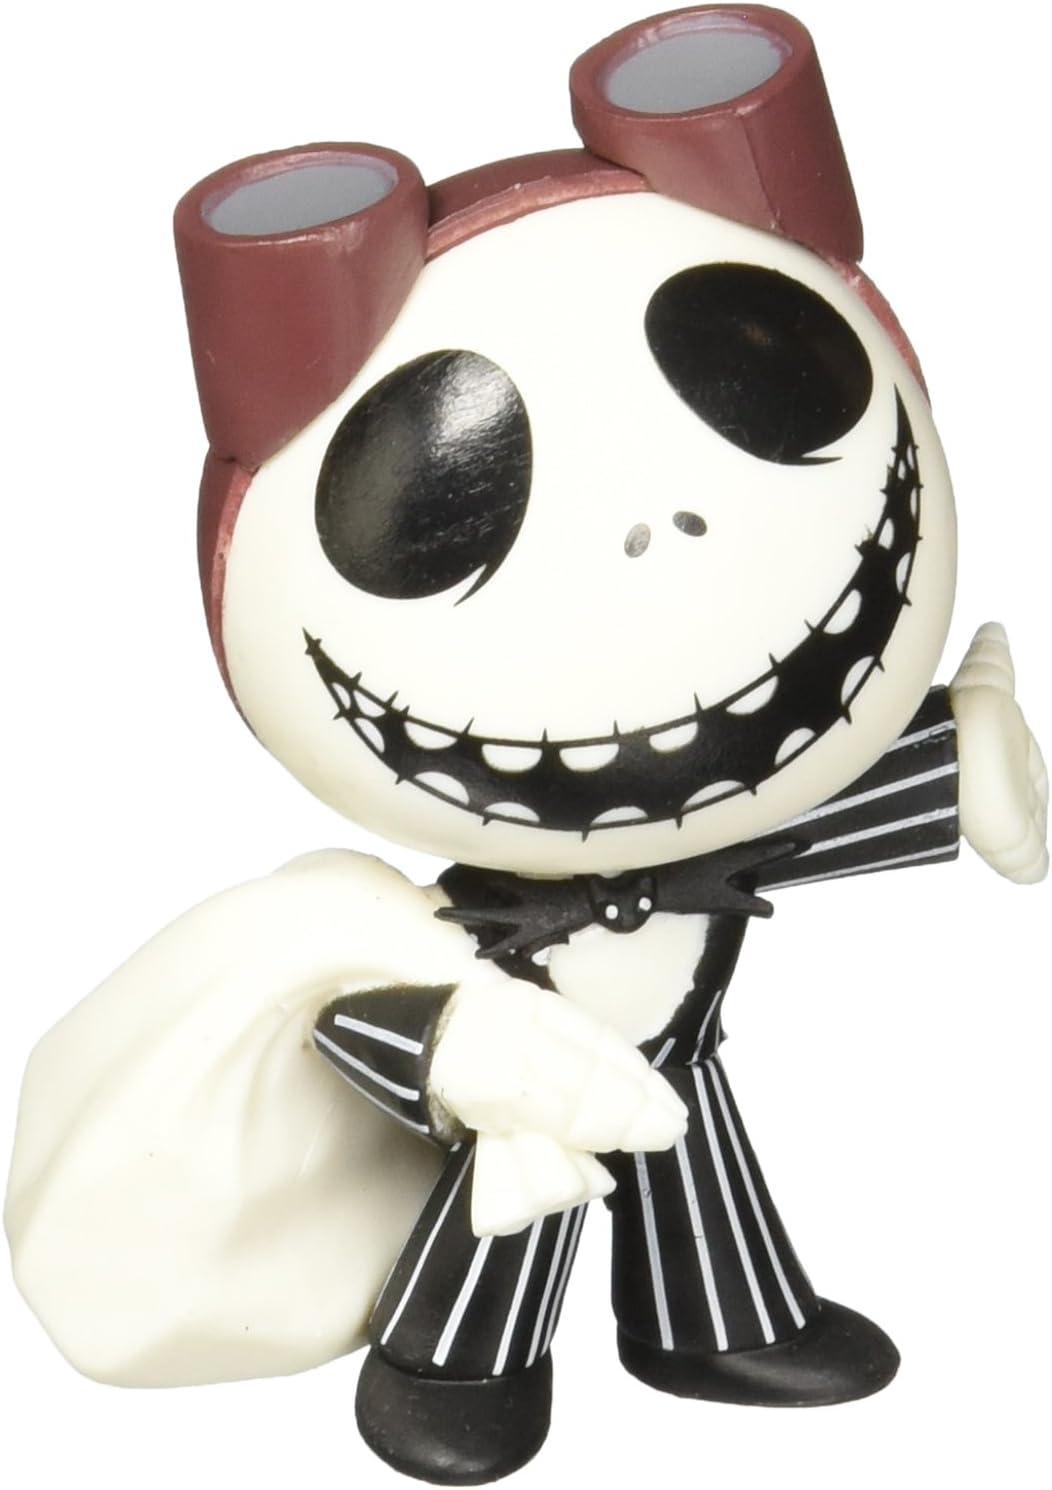 Funko Pesadilla Antes de Navidad Series 2 Blind Box: Funko Mystery Minis:: Amazon.es: Juguetes y juegos